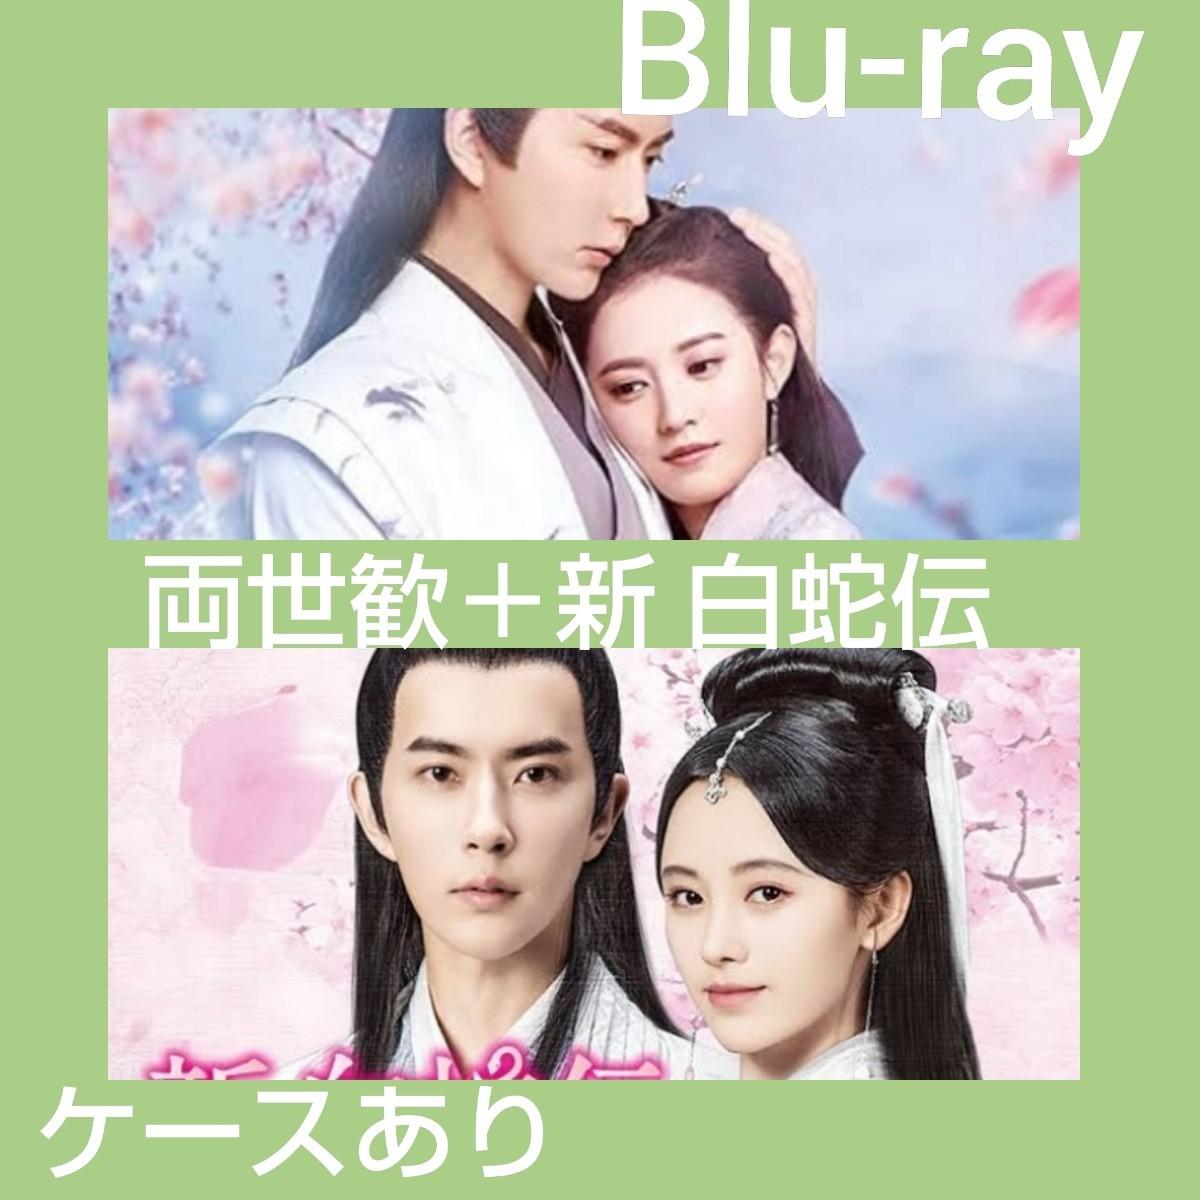 中国ドラマ 両世歓 全話 + 新白蛇伝 全話 Blu-ray セット